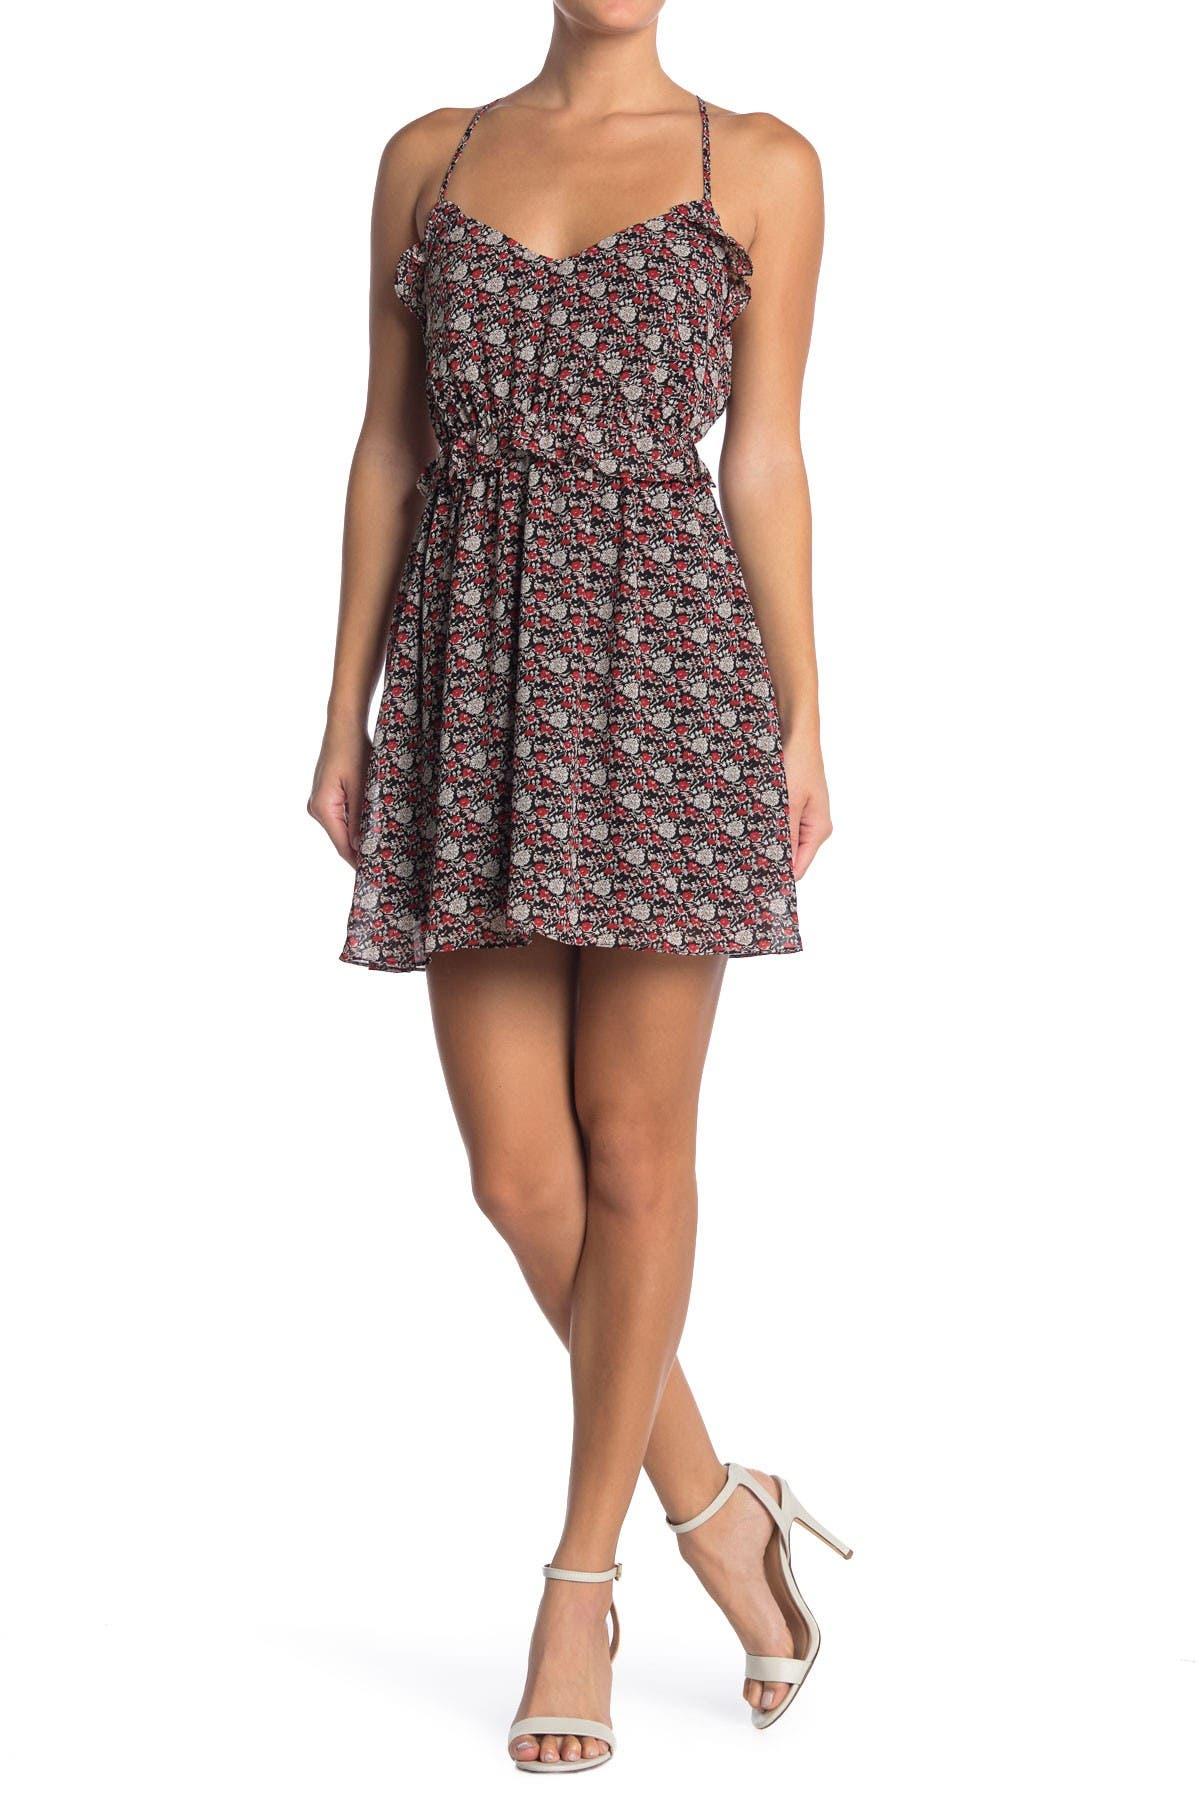 Image of Lush Ruffle Mini Dress